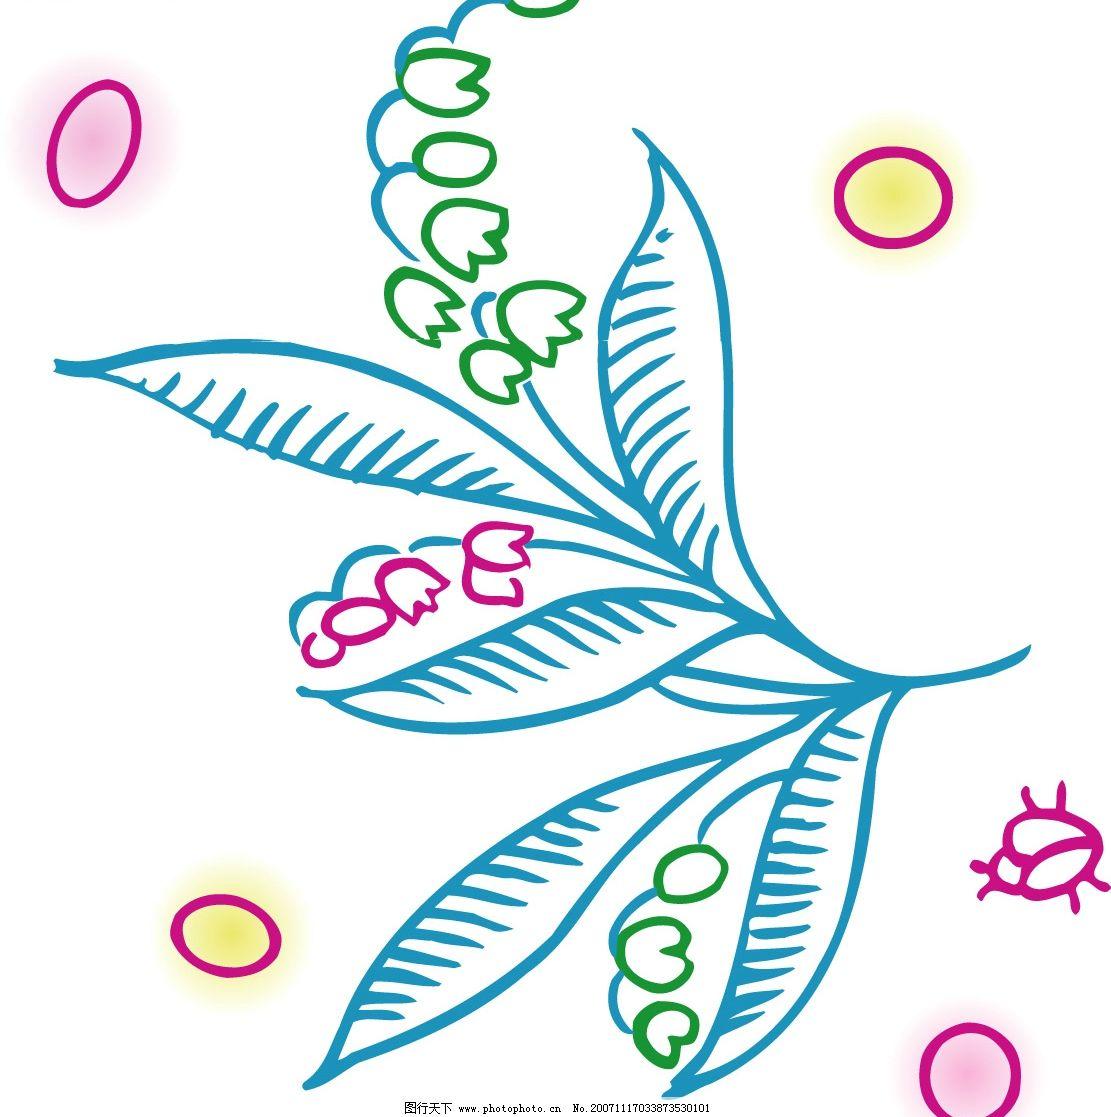 树叶树叶矢量图抽象树叶树叶简笔画